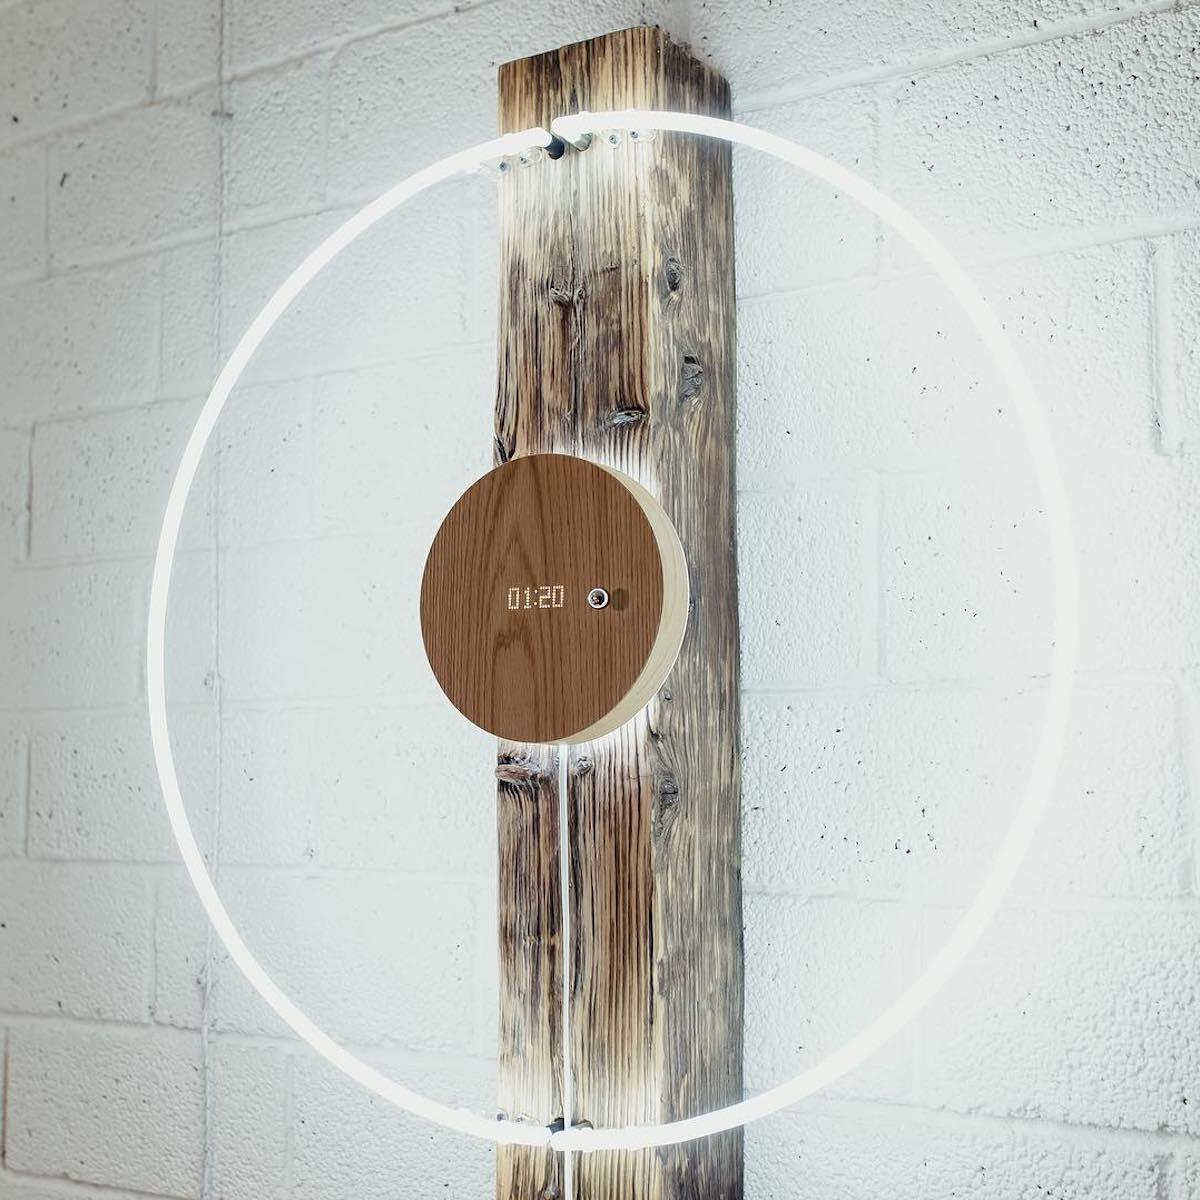 時計として飾っても、STORYはひと味違う。磁力で浮遊する「時の球体」。あなたの物語を軌道に旅をする時計|Flyte STORY